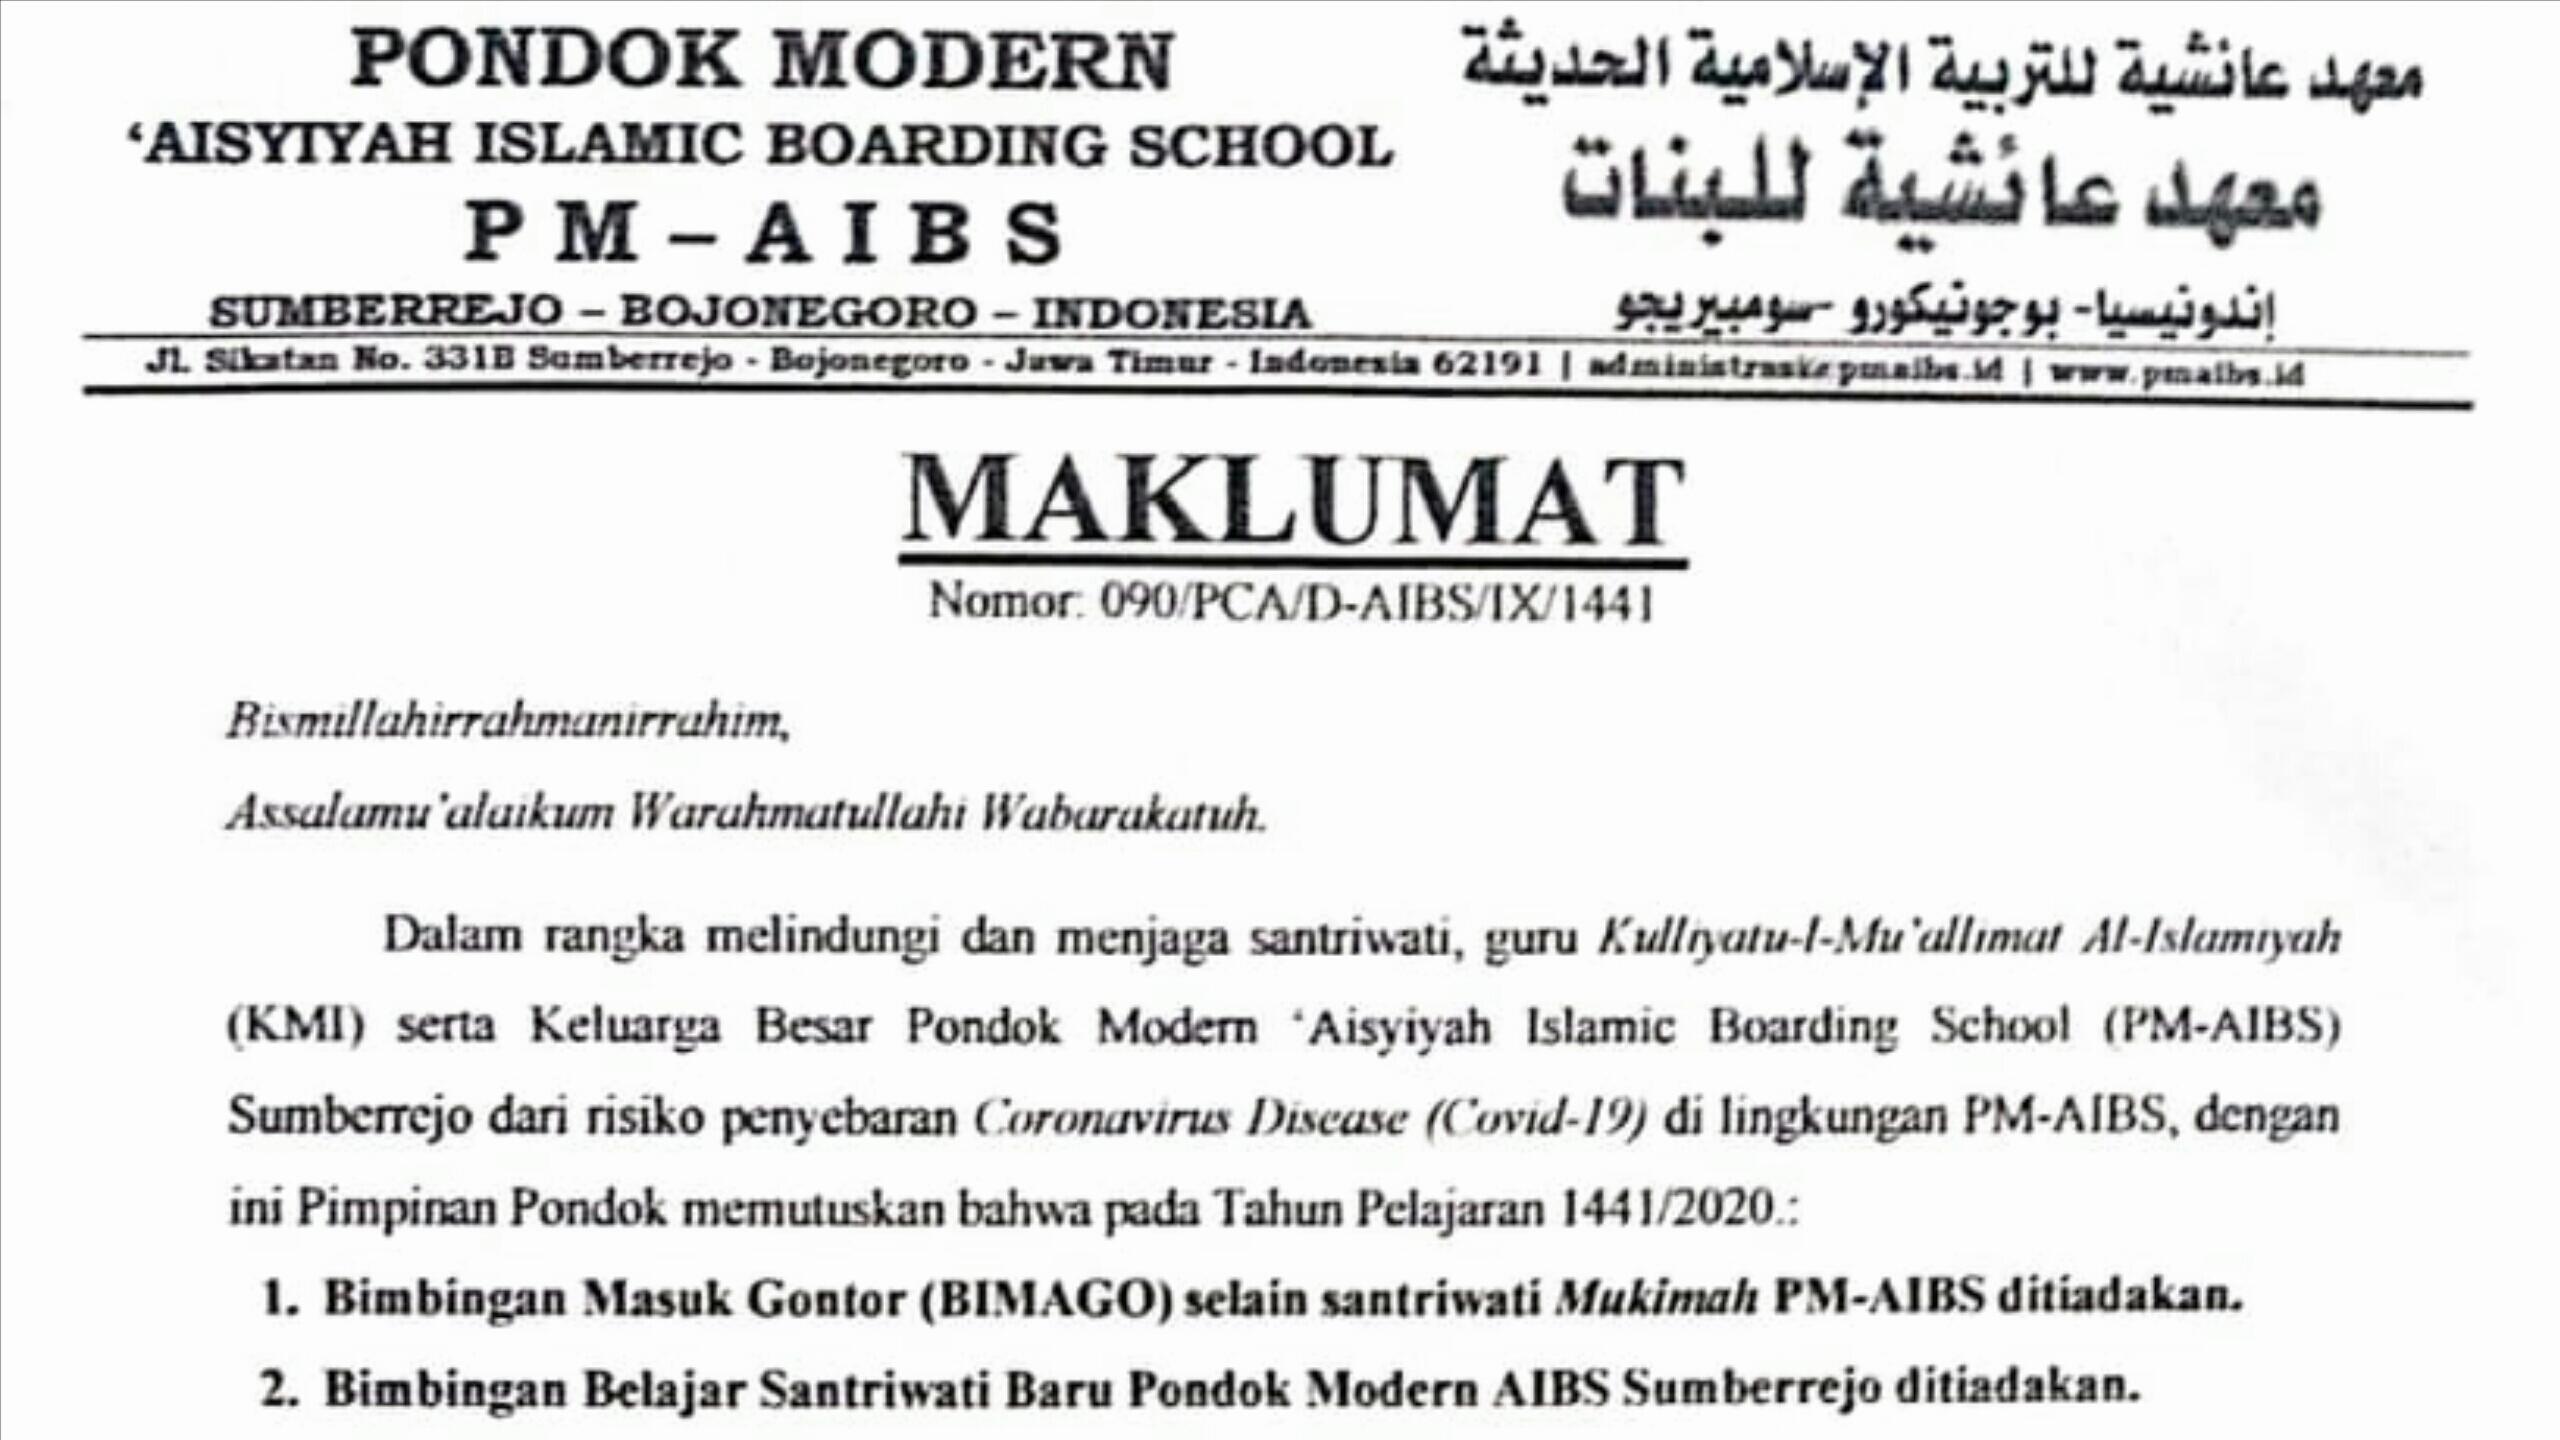 Maklumat Pimpinan Pondok Modern Aisyiyah Islamic Boarding School